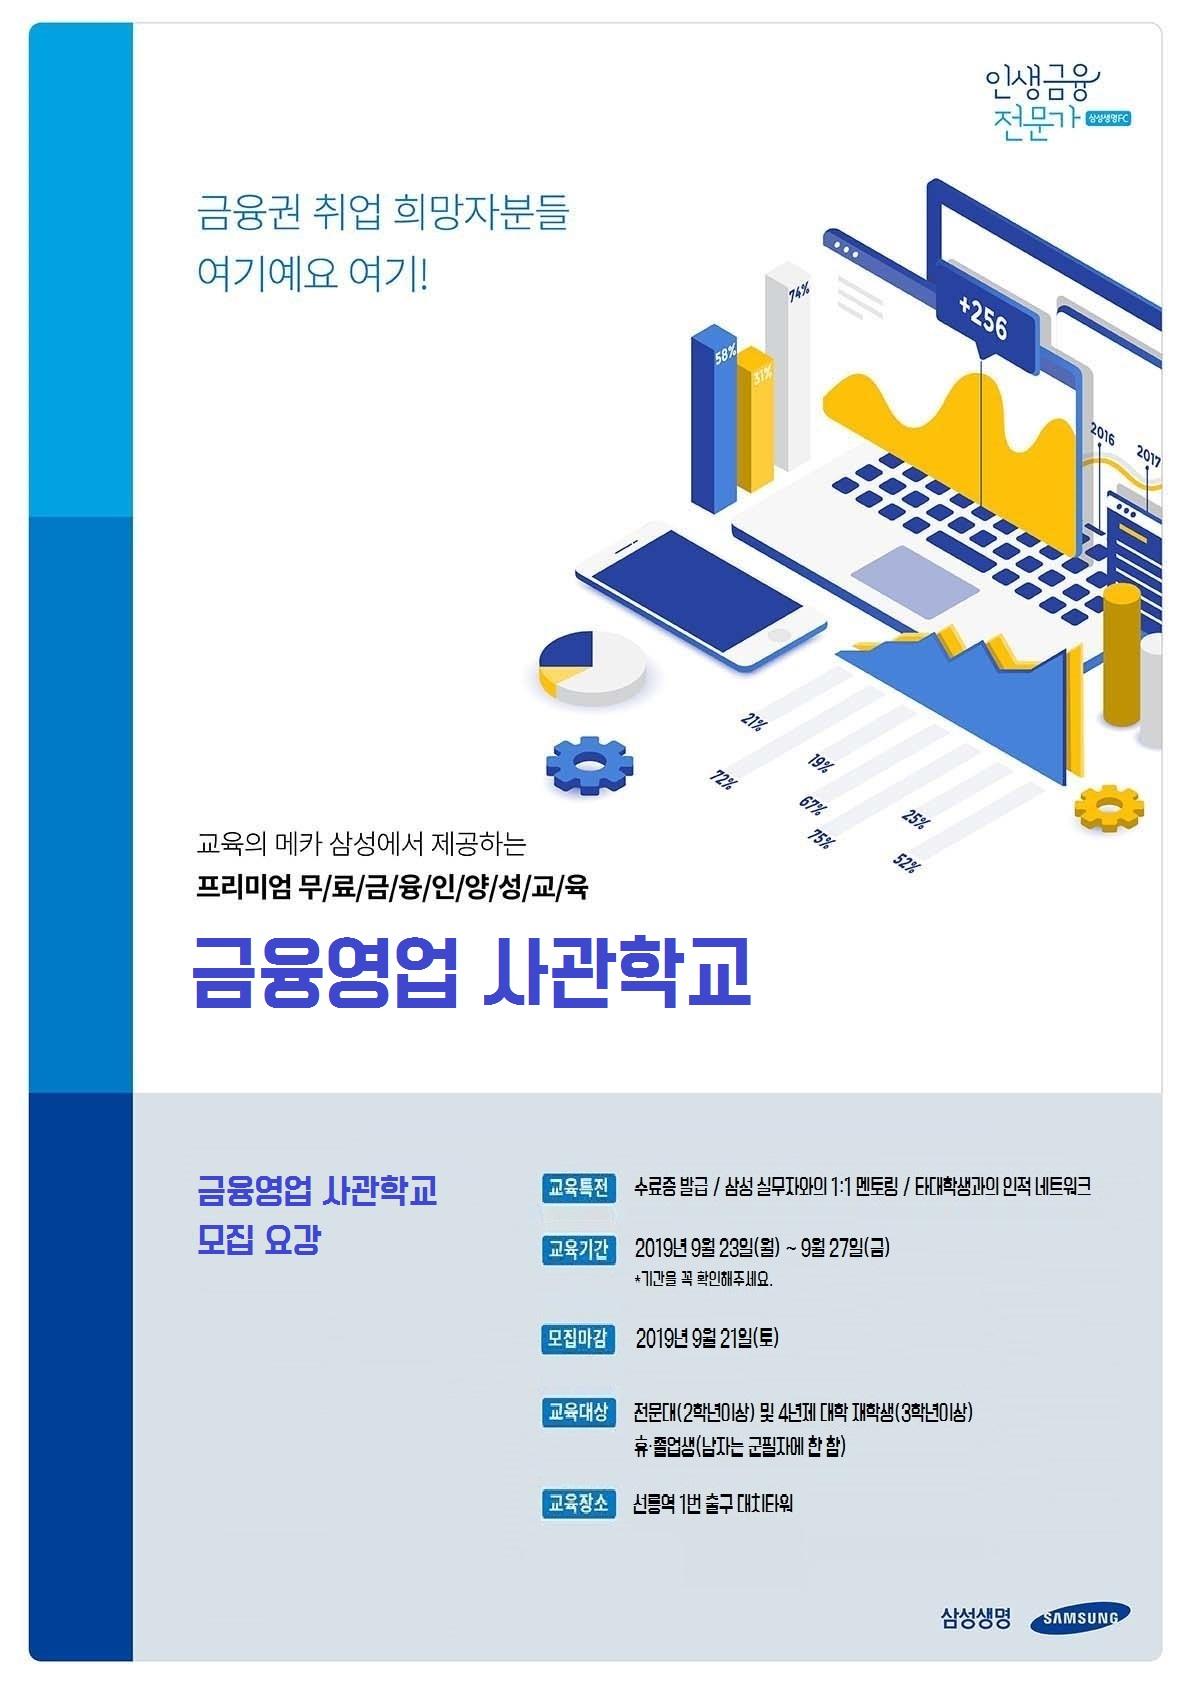 [삼성 금융영업 사관학교]